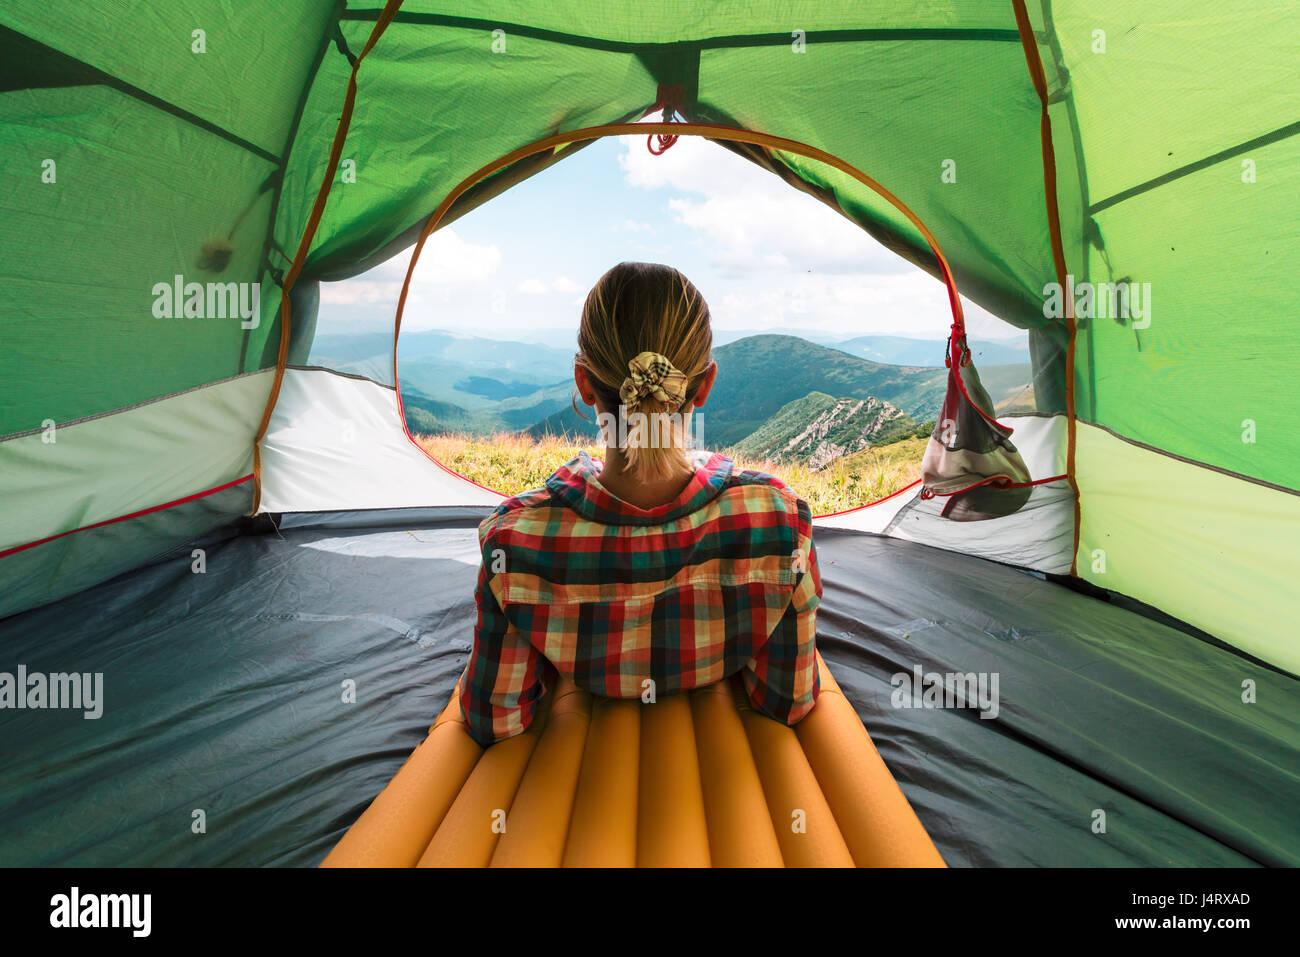 Mädchen im sitzen, dass sie vor dem Hintergrund einer unglaublichen Berglandschaft Zelt. Sonniger Tag im Hochland Stockbild